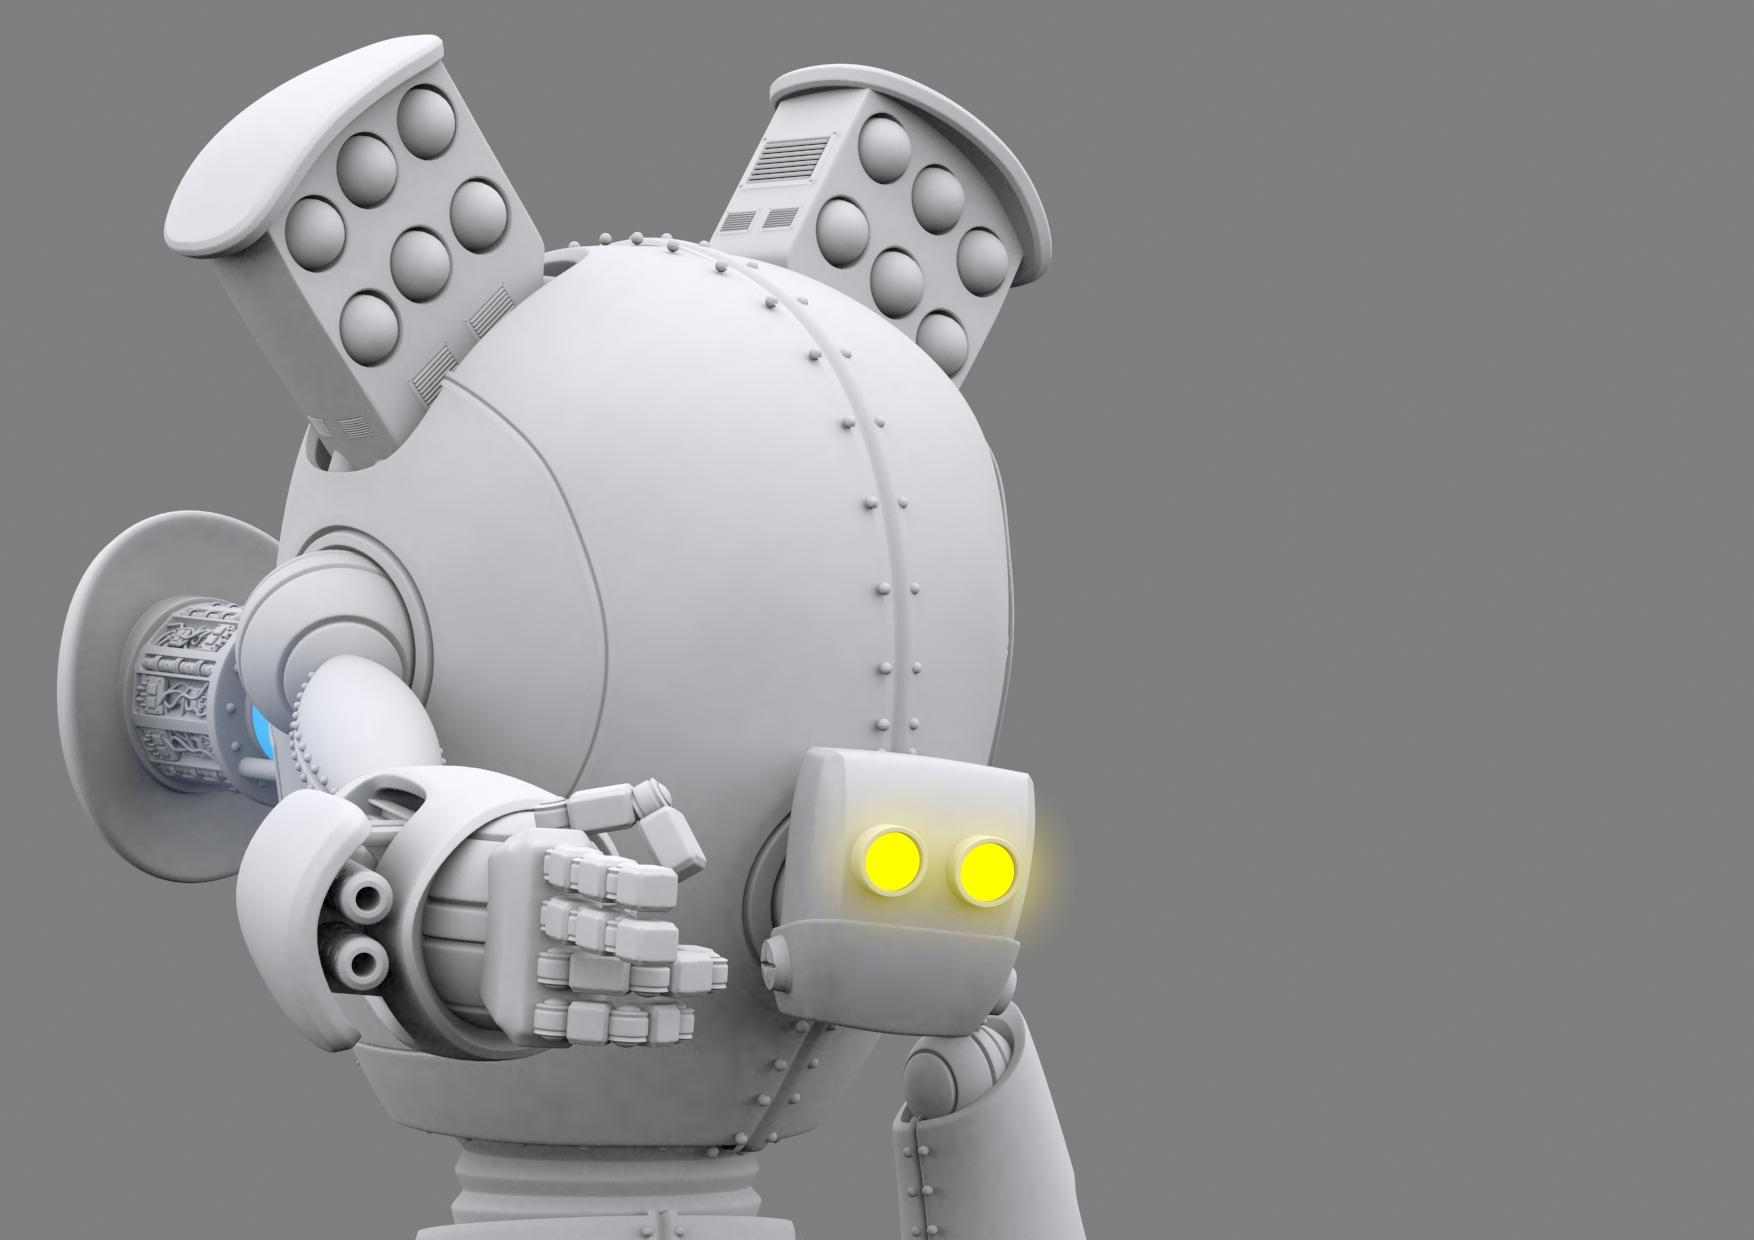 Battle Robot